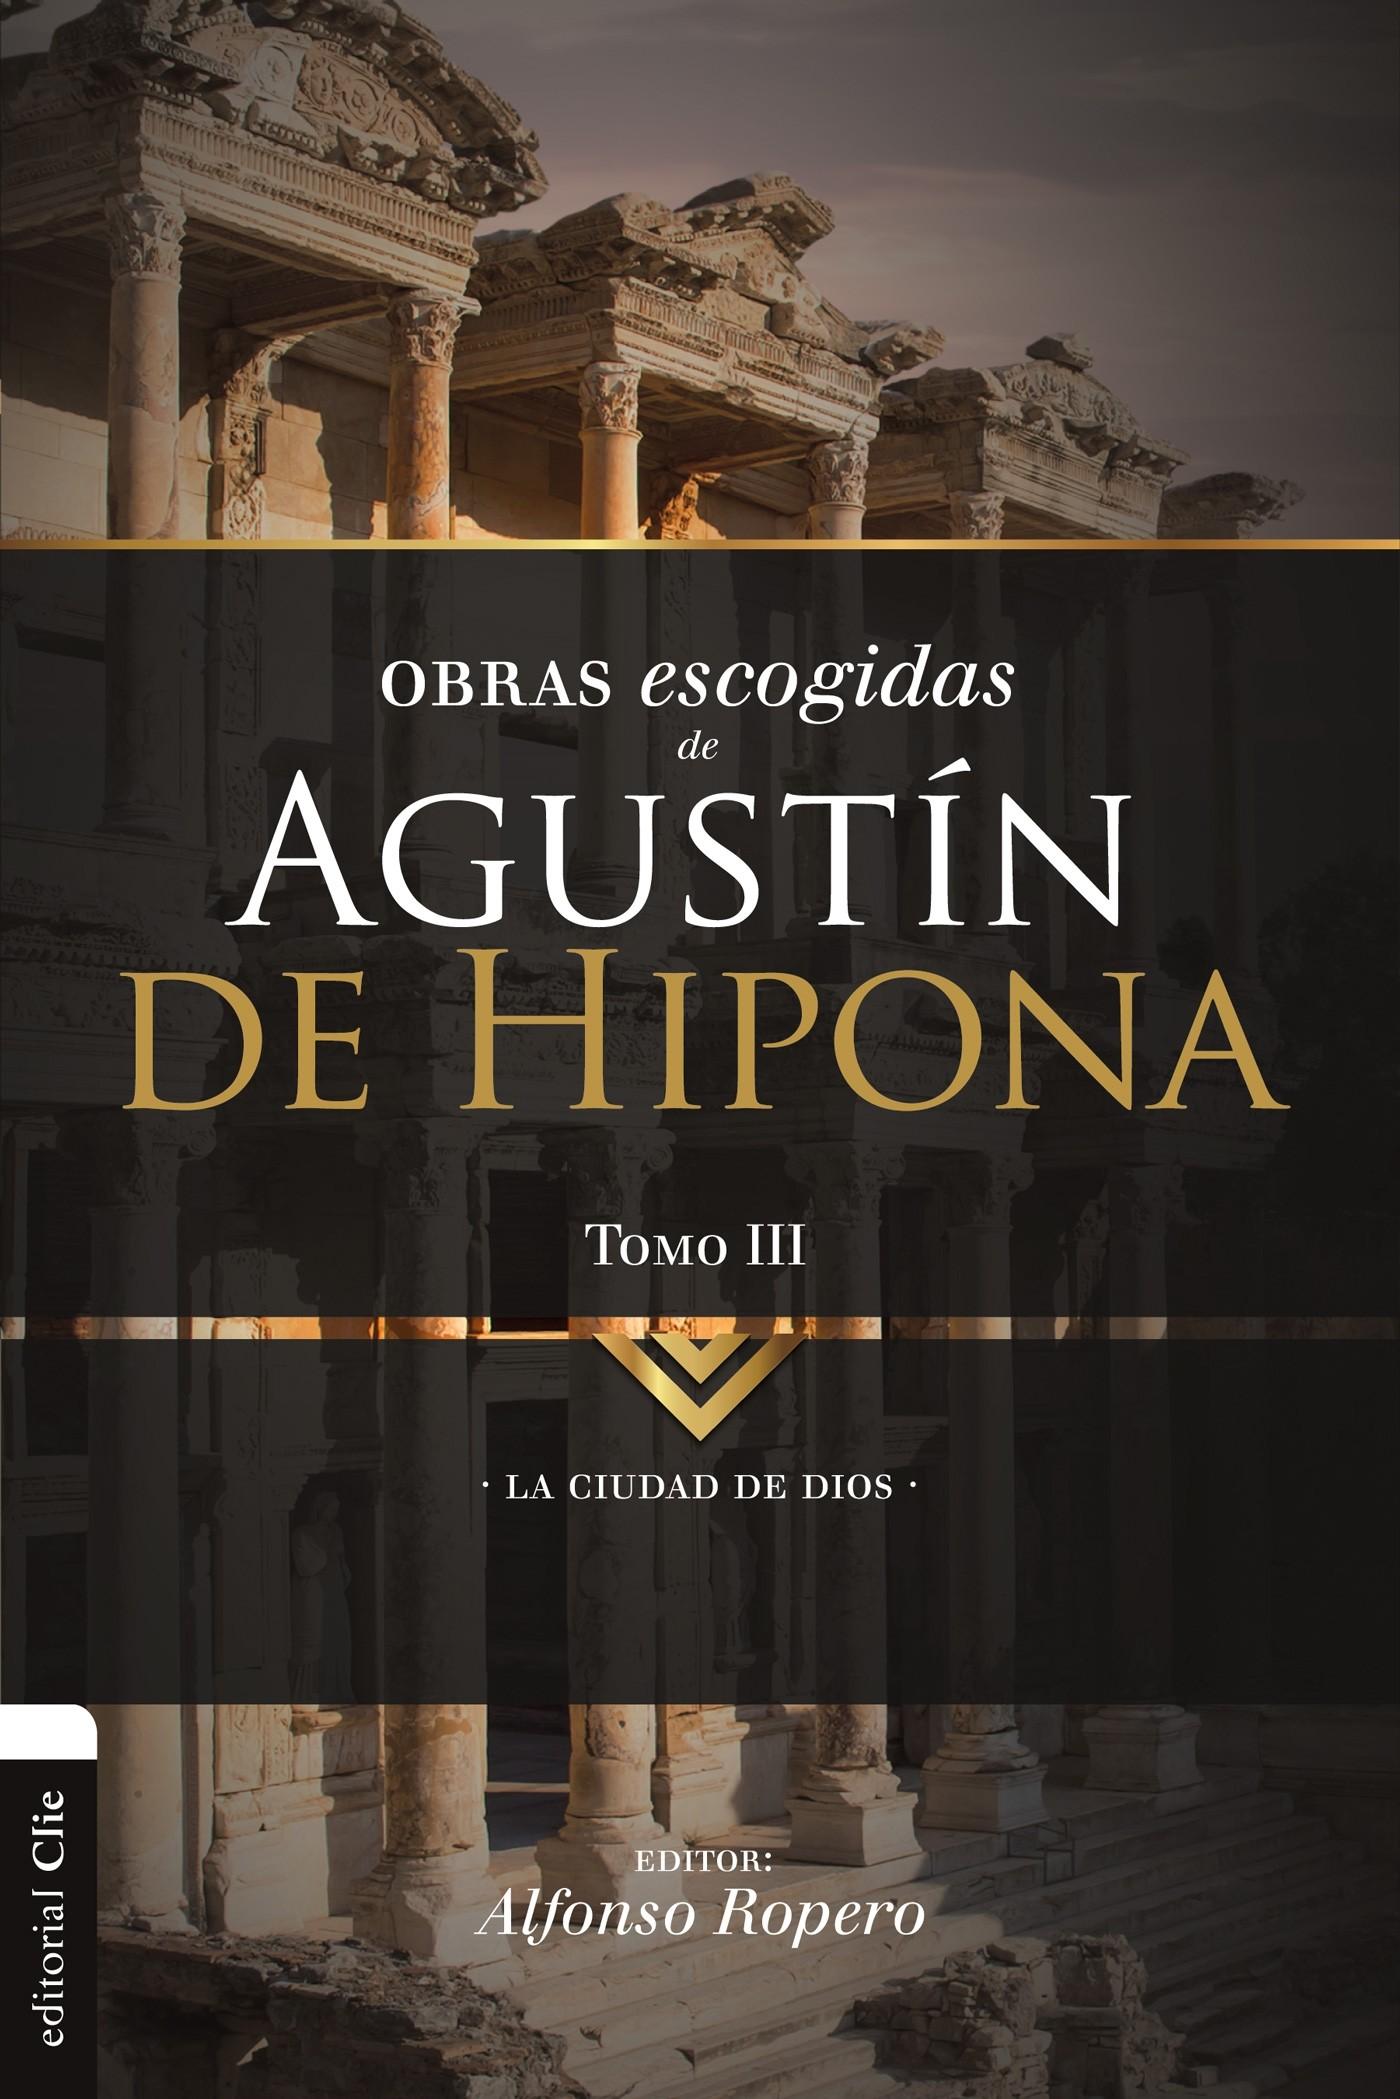 Obras escogidas de Agustín de Hipona Tomo 3 en Colecciones